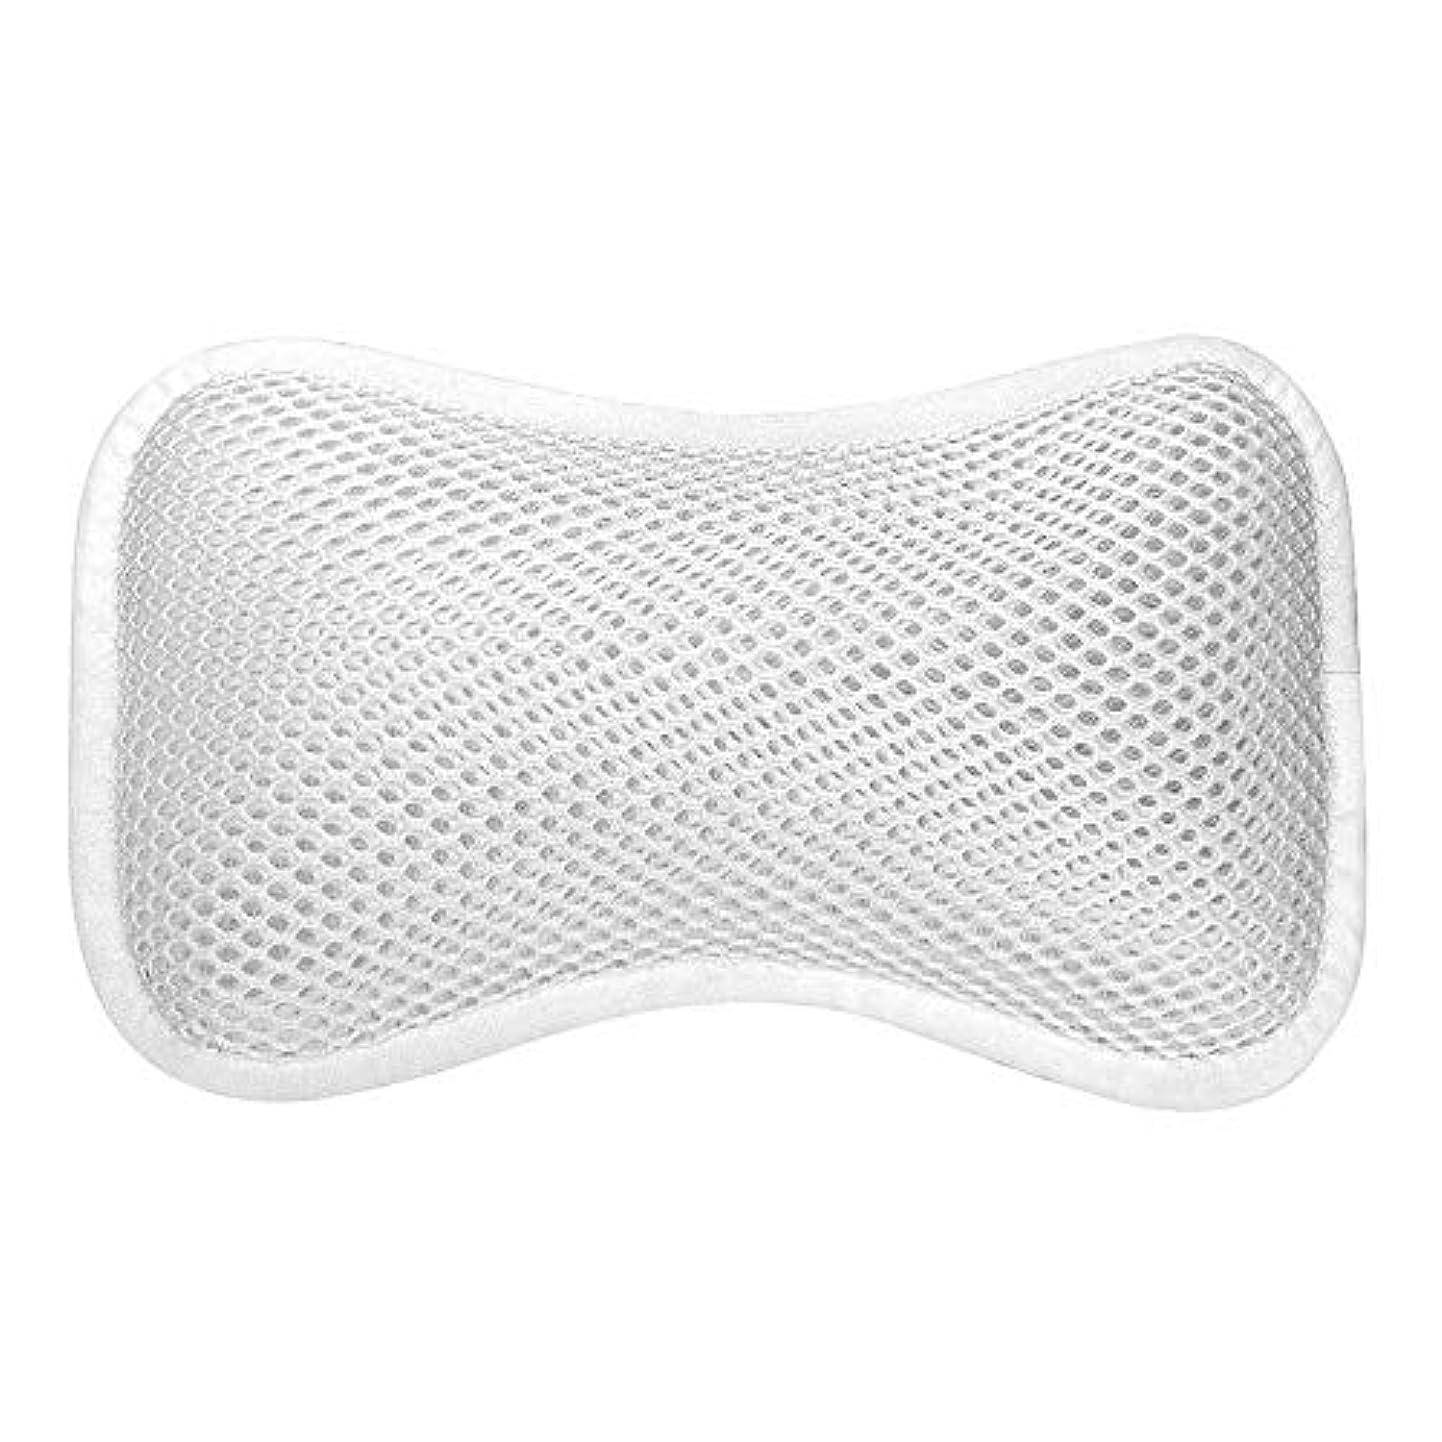 アトム活性化ターミナル3D網の骨の定形バスタブの枕、吸盤が付いている人間工学的の設計滑り止??めの浴槽の枕